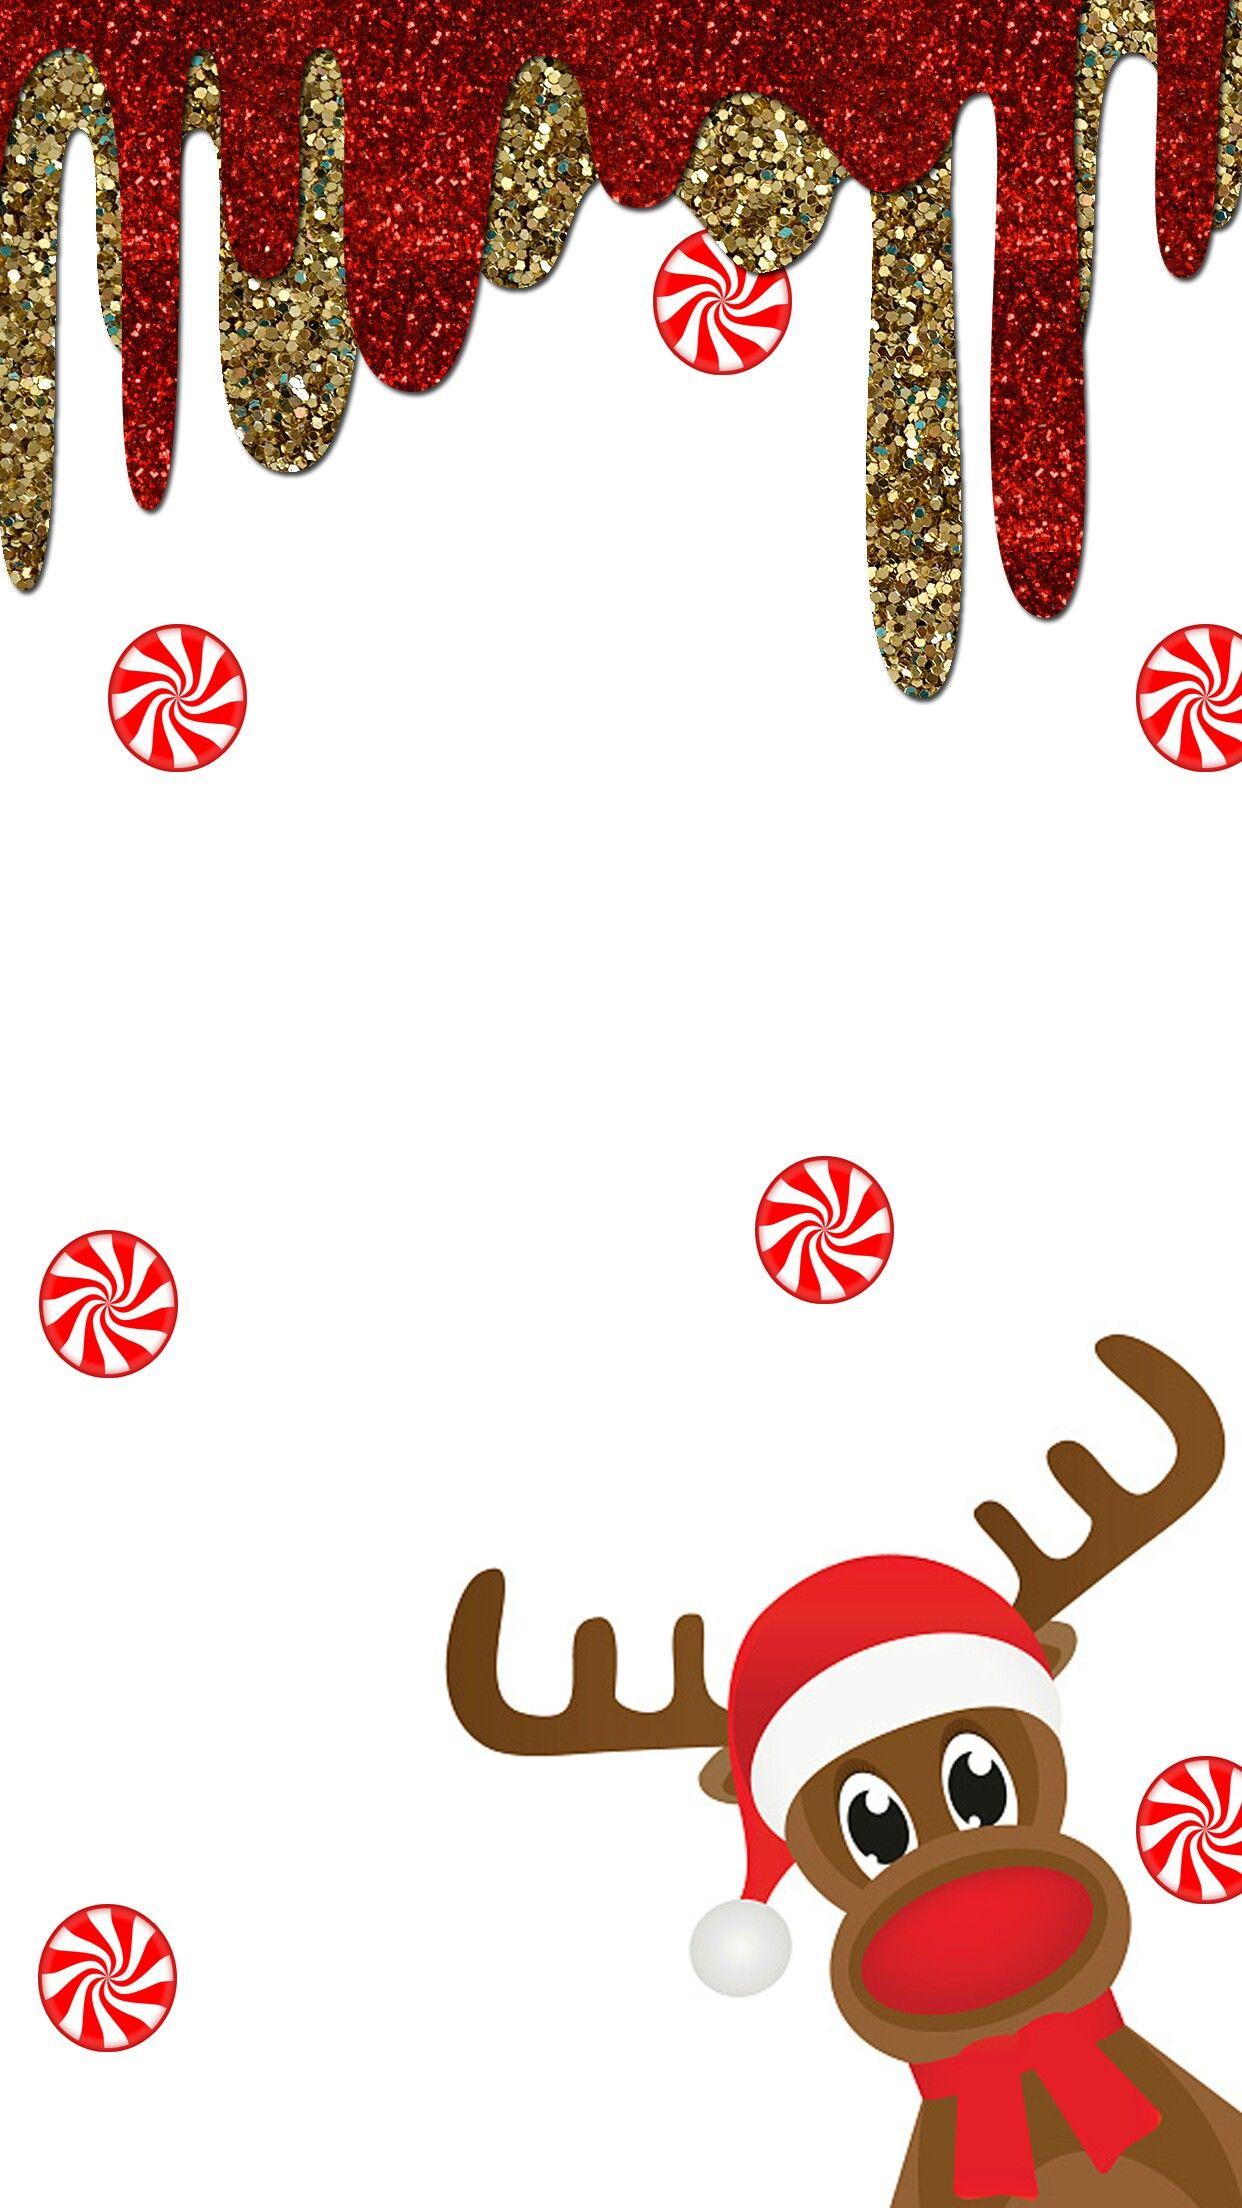 Fondo navide o clipart clip art freeuse library Navidad, reno | xmas | Pinterest | Fondo de pantalla navideño, Fondo ... clip art freeuse library